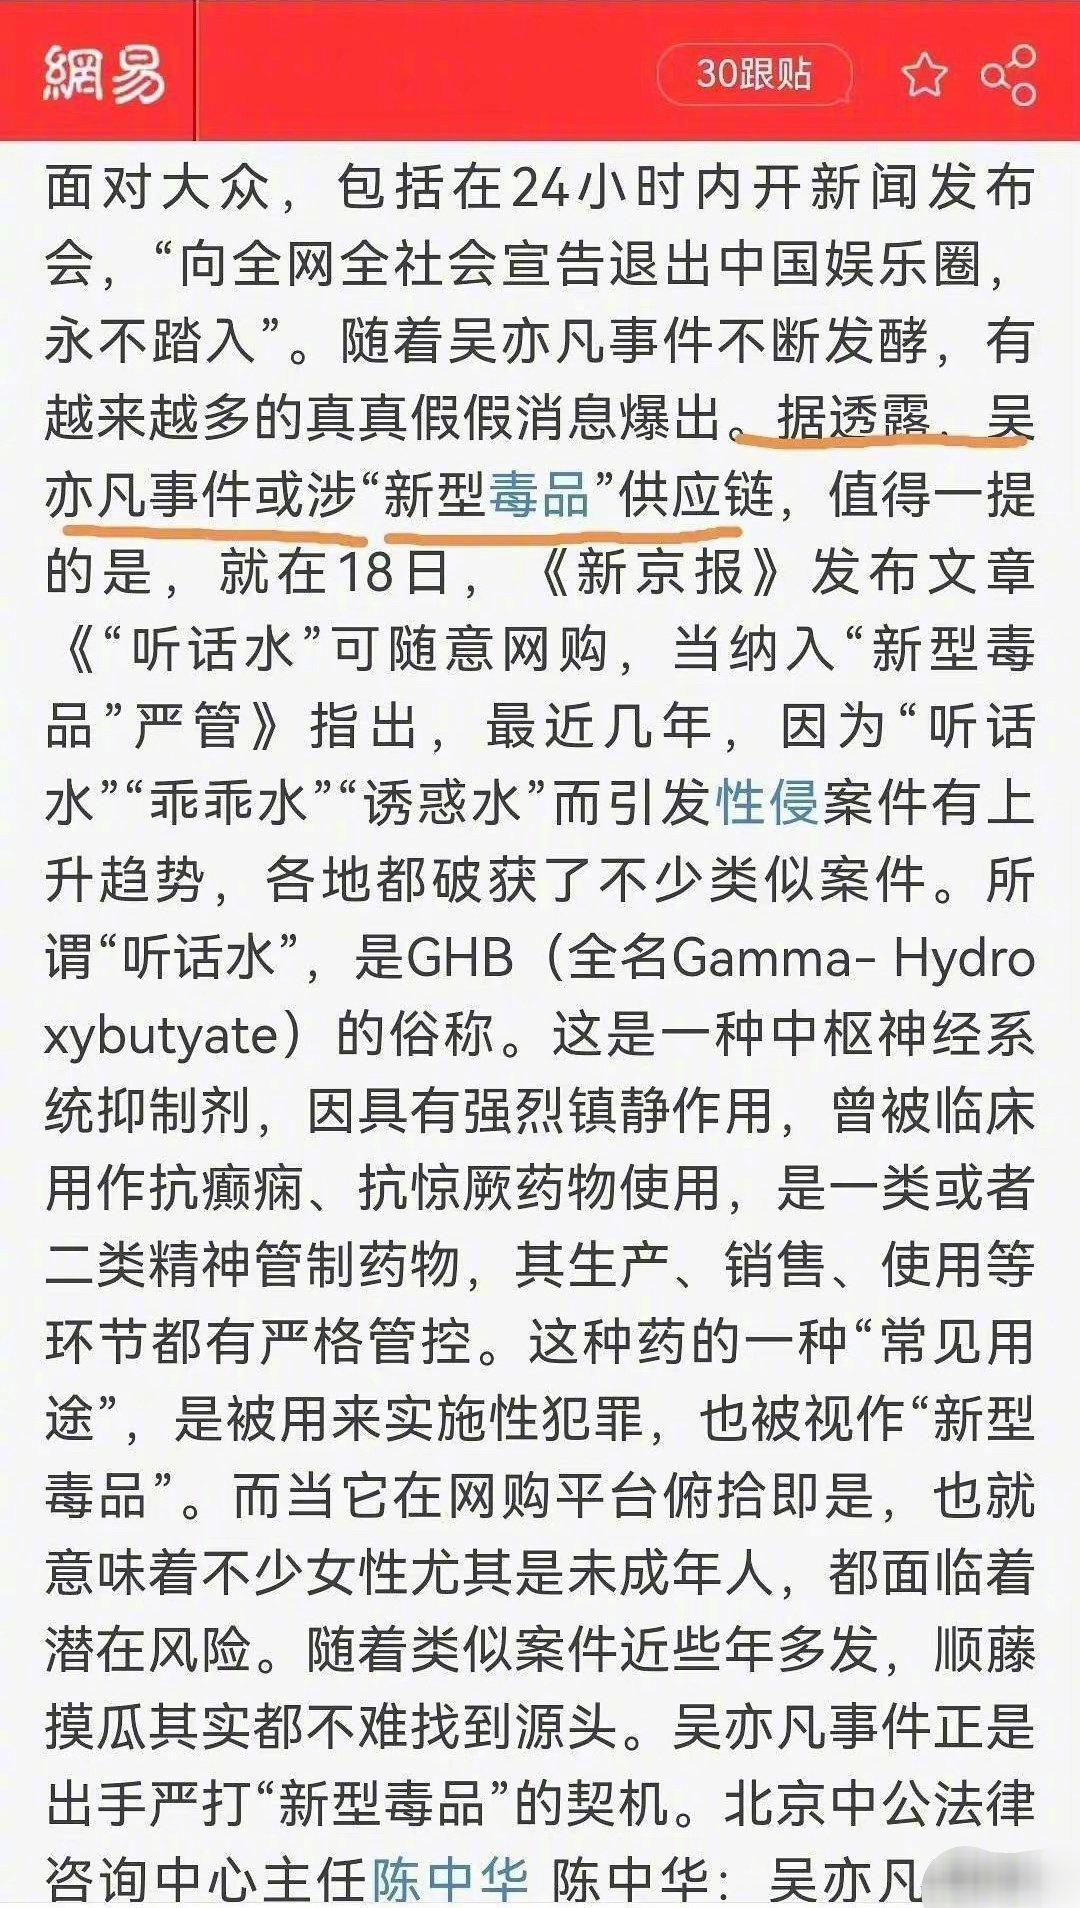 中國禁毒稱吳亦凡涉及新型毒品供應鏈,娛樂圈即將大地震!!!-圖5